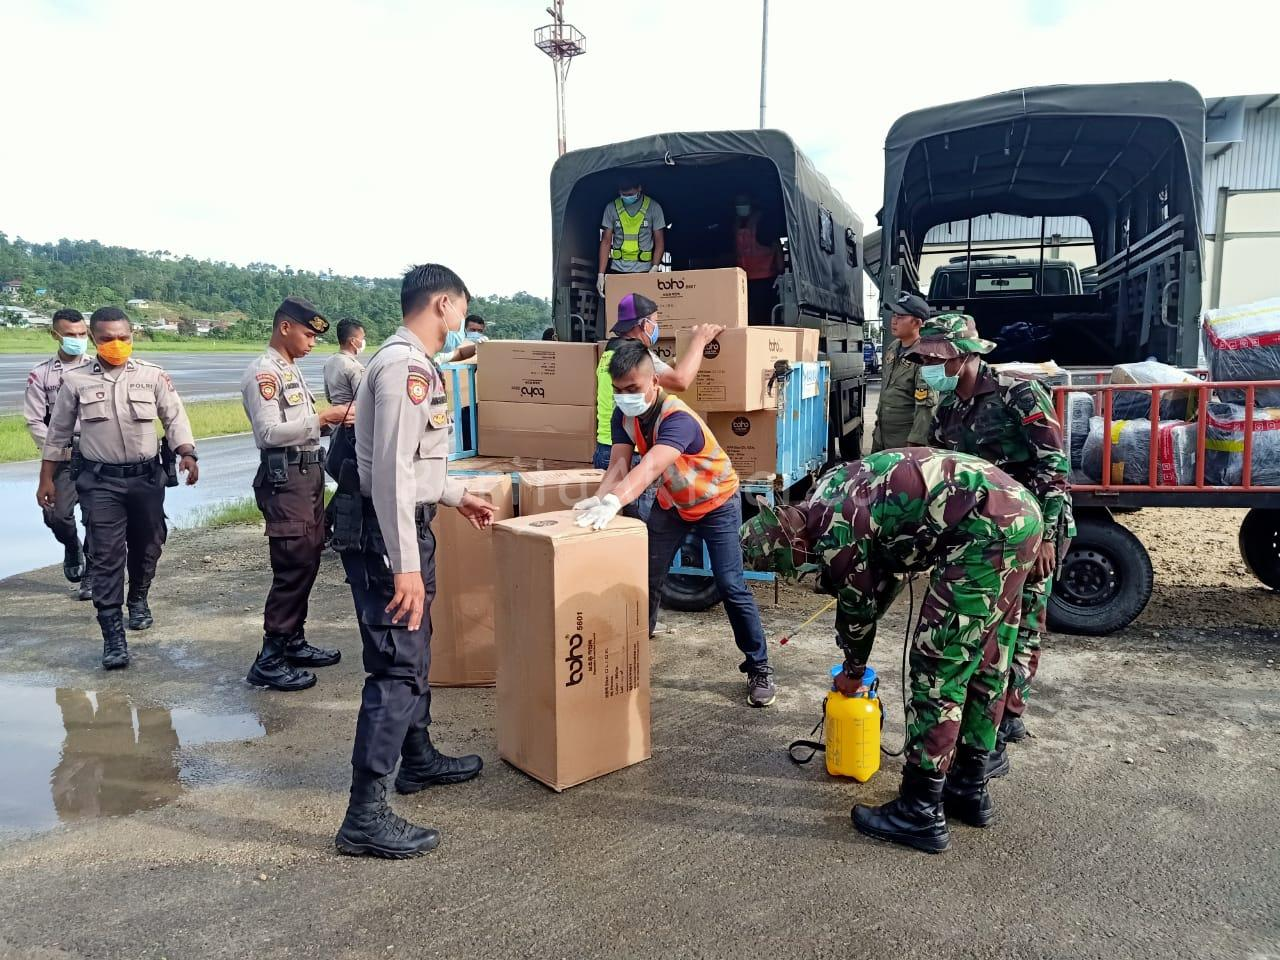 Bantuan Dari Pemerintah Pusat 2000 APD dan 10.000 Masker Tiba di Manokwari 15 IMG 20200403 WA0016